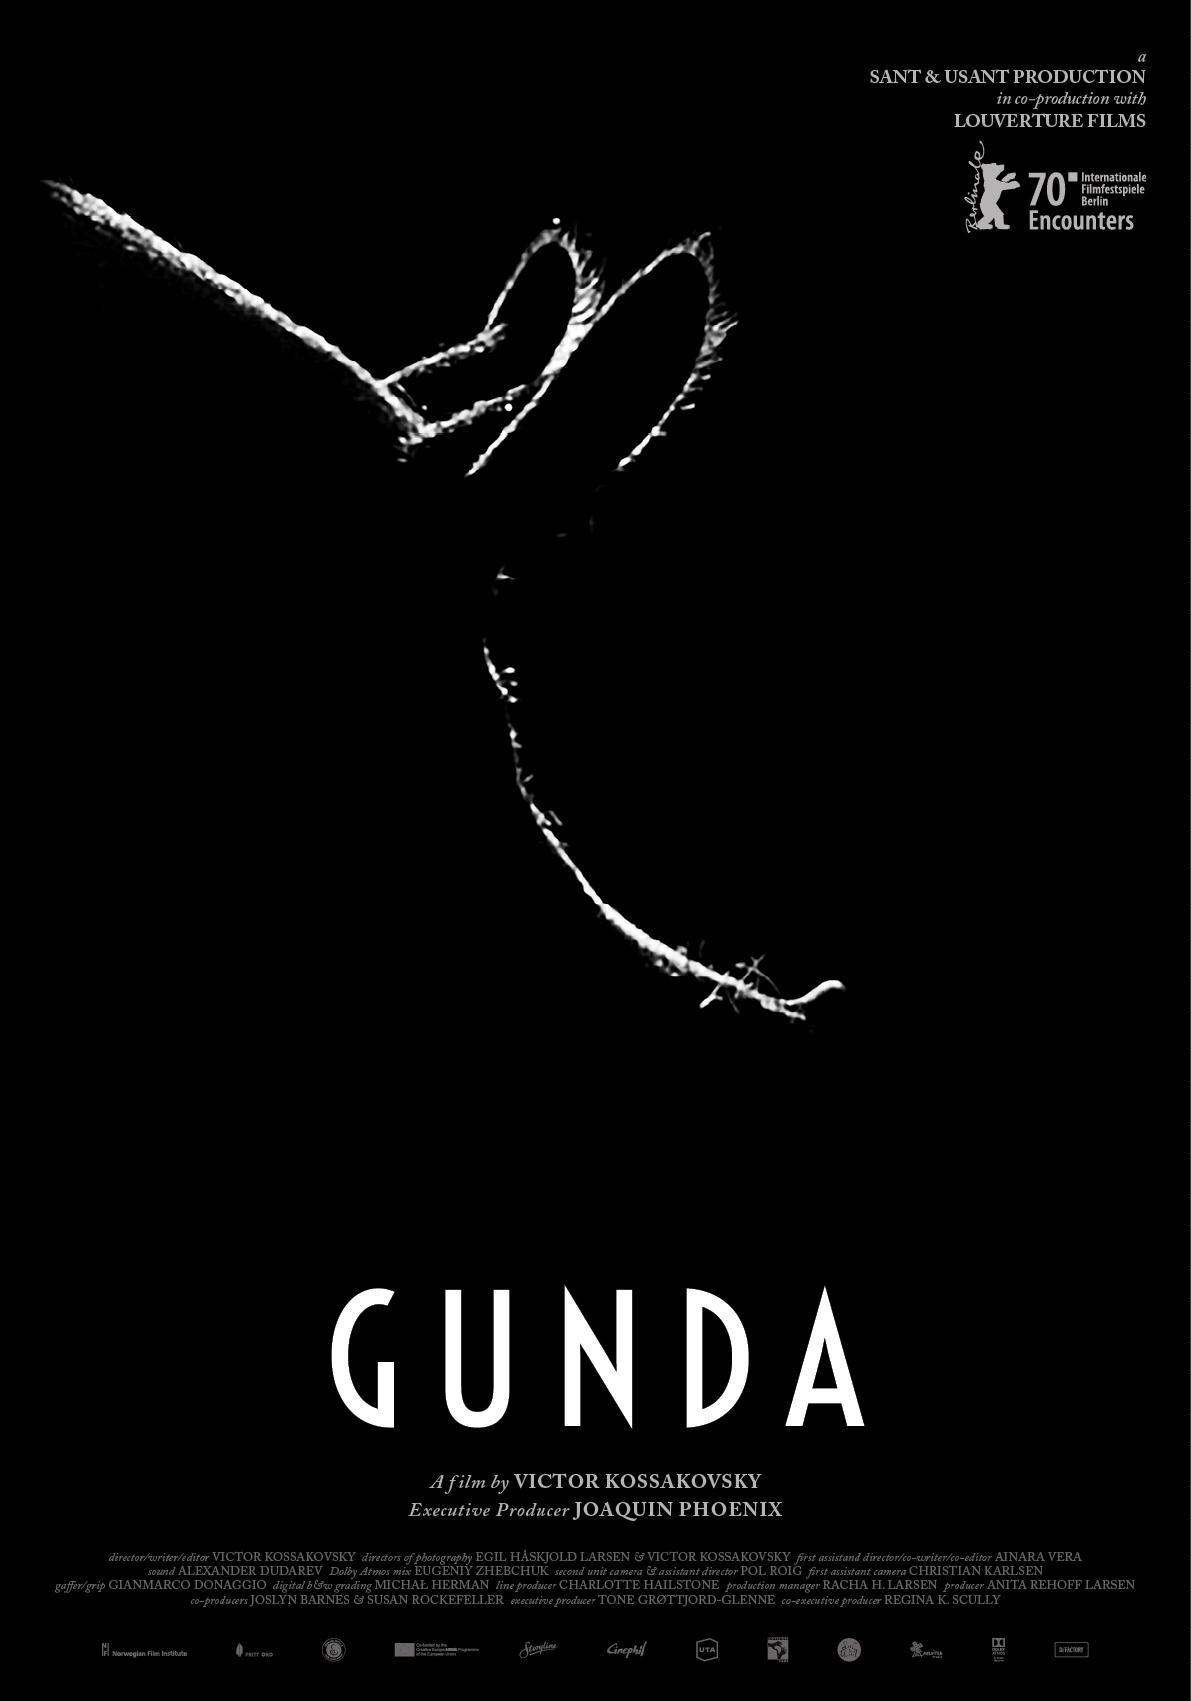 Poster for Gunda